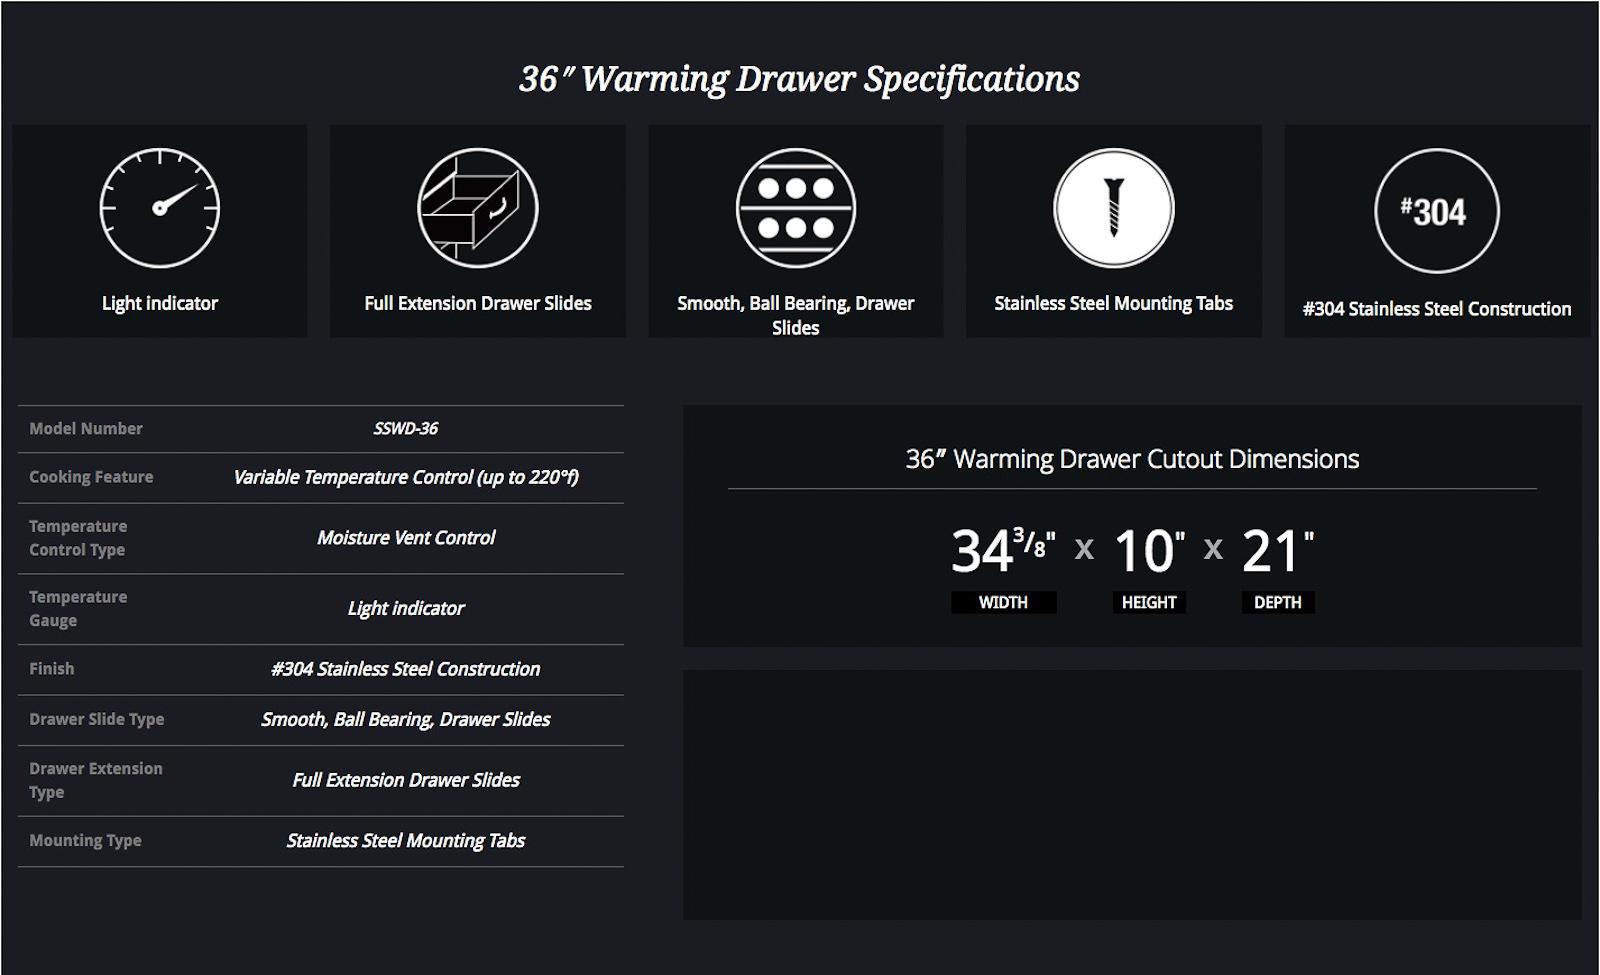 summerset-36-22-warming-drawer-storage-drawers-sswd36.jpg